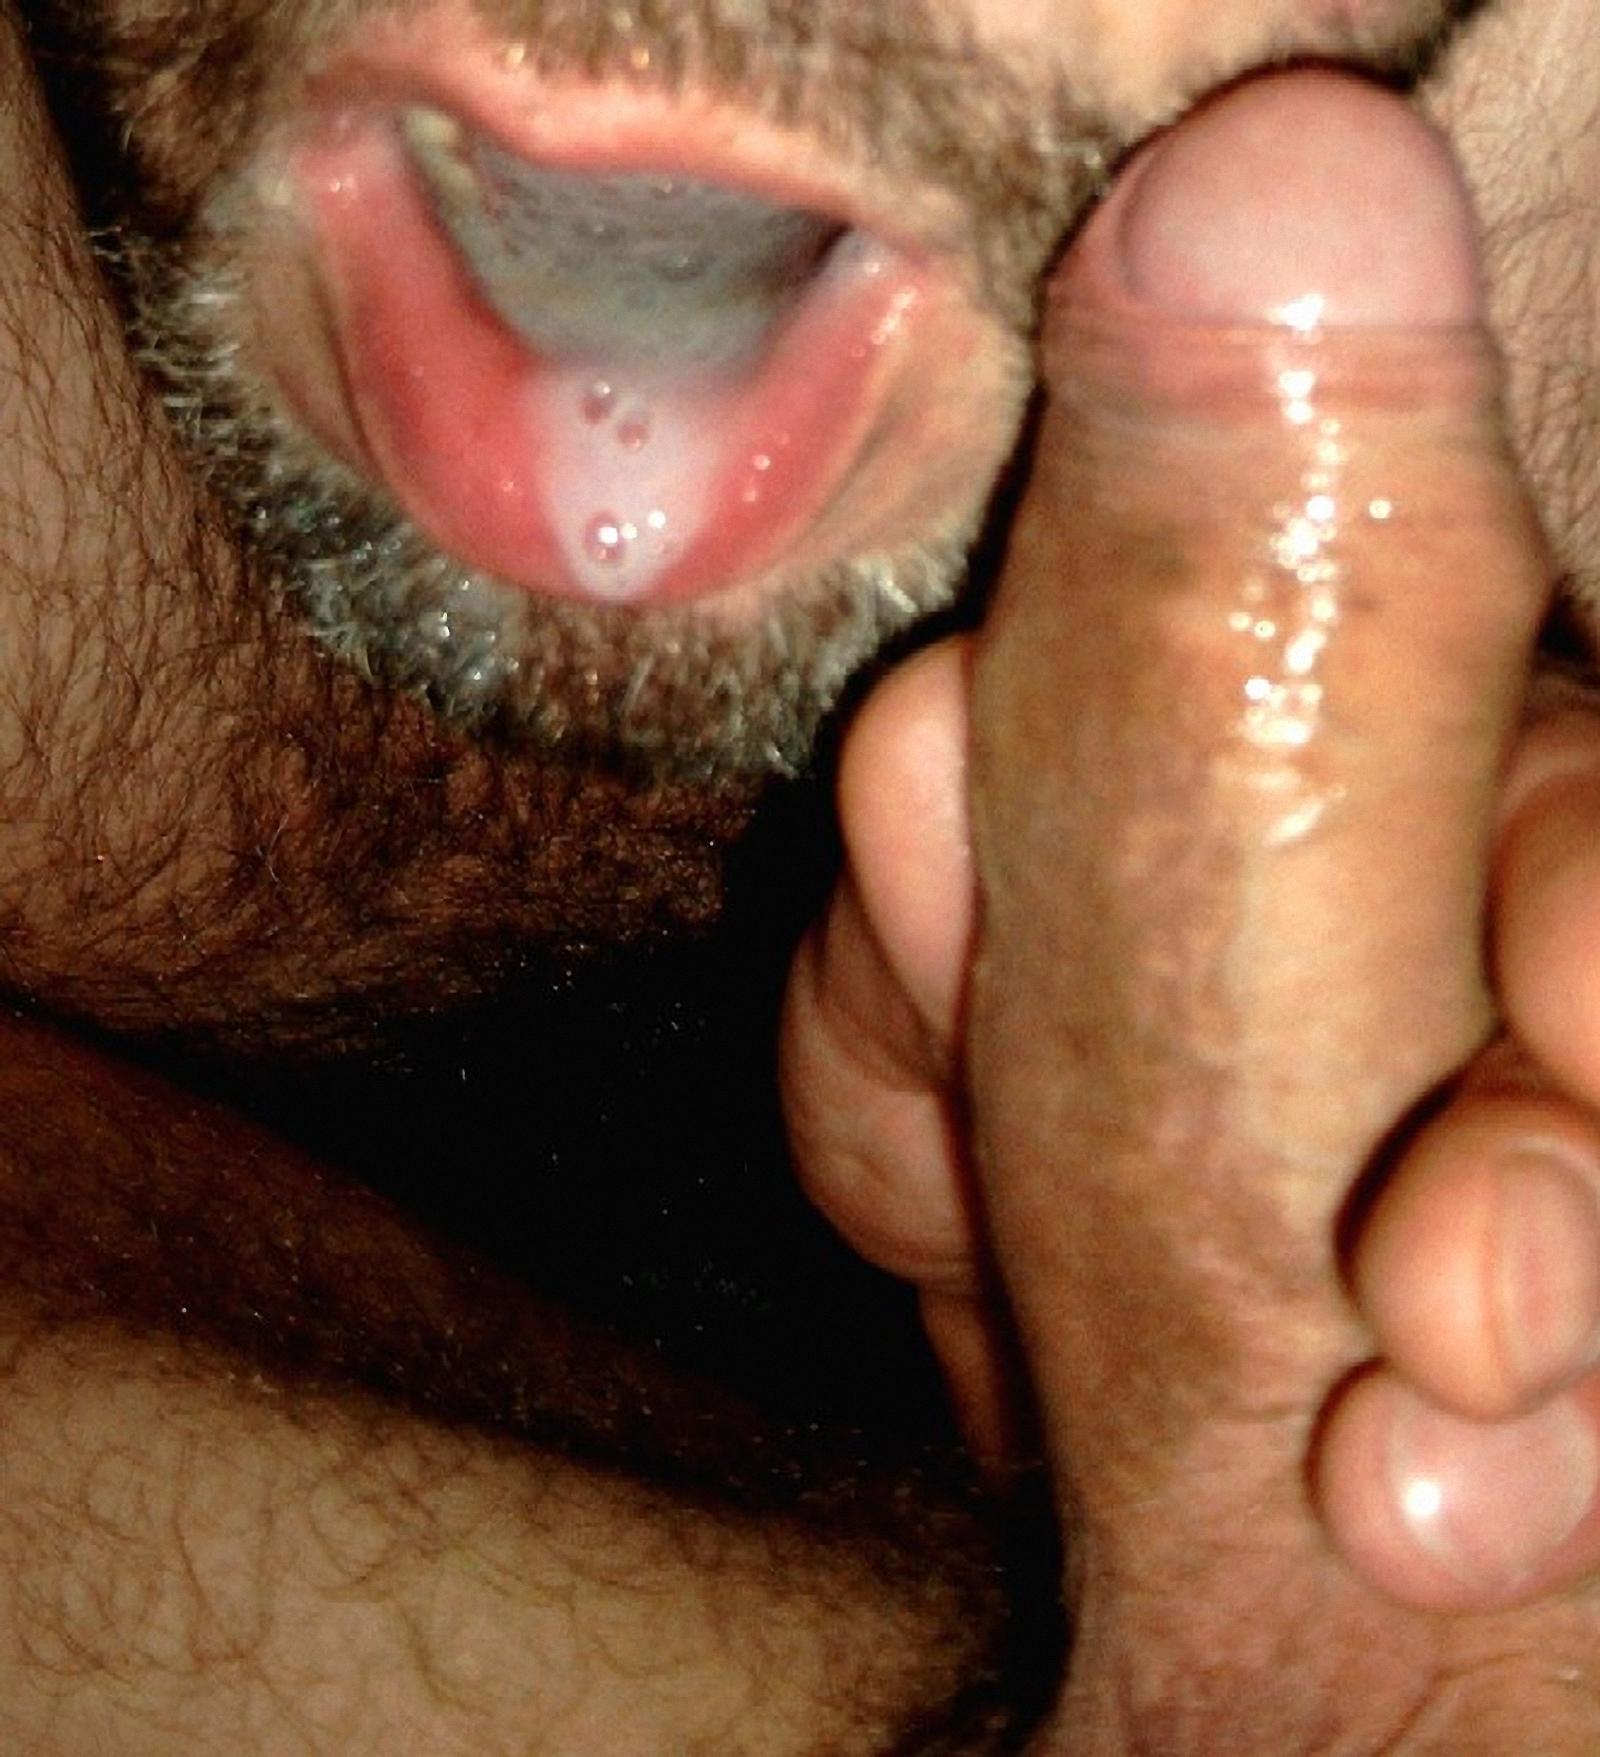 polezno-li-glotat-spermu-muzhchine